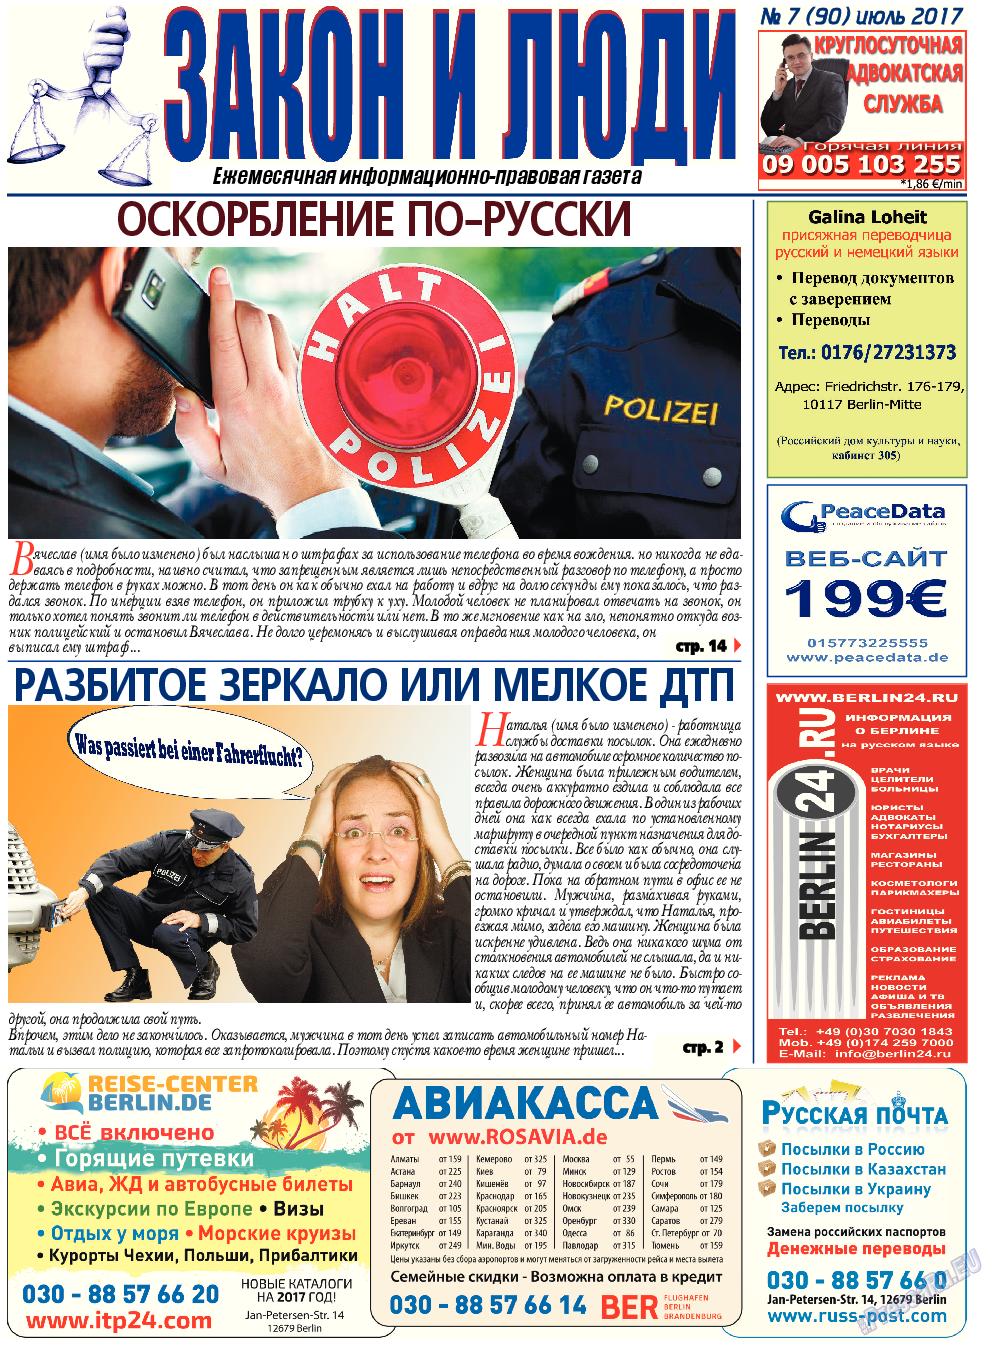 Закон и люди (газета). 2017 год, номер 7, стр. 1